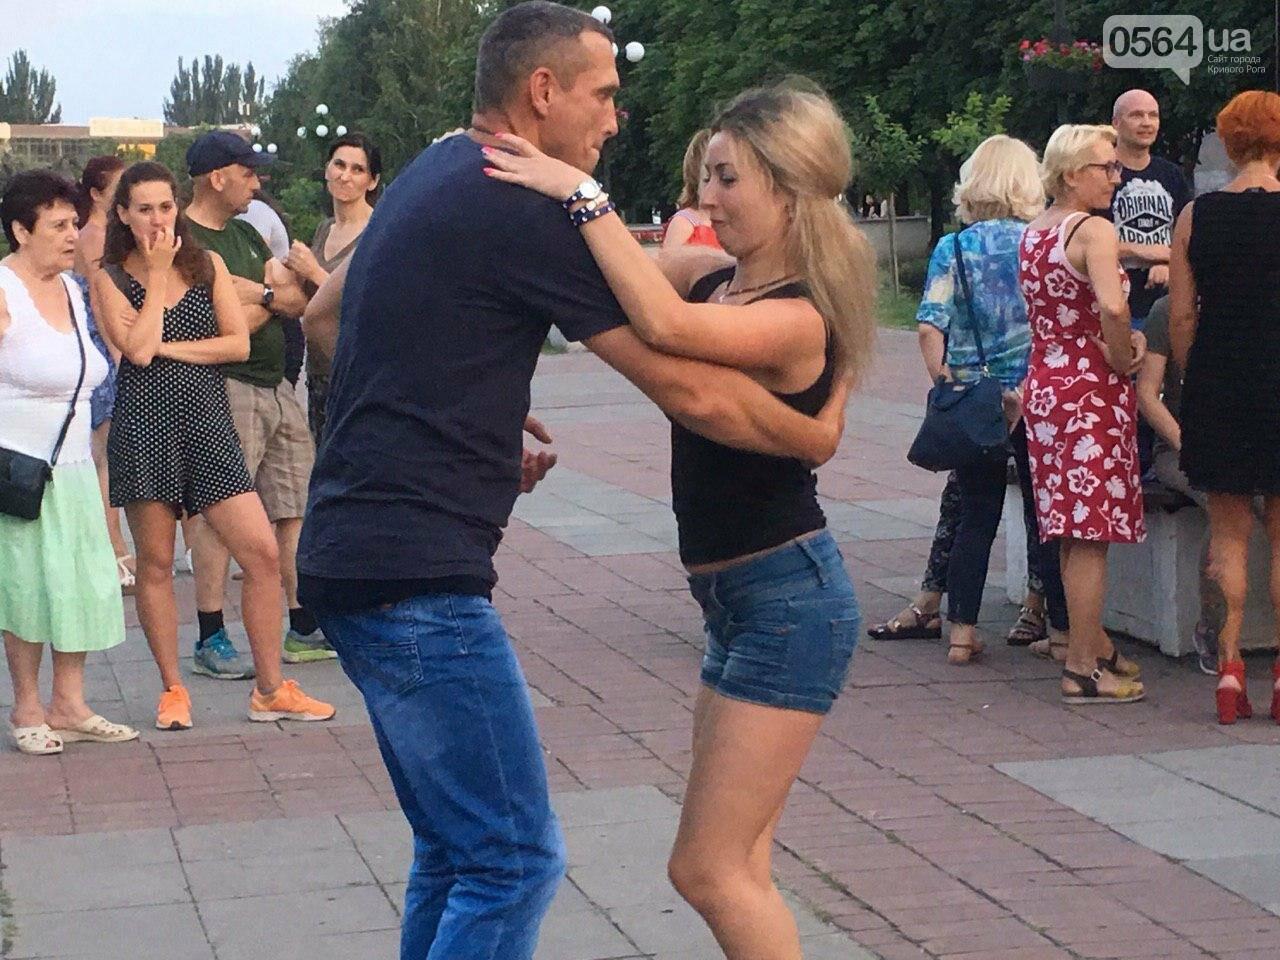 Сальса, бачата, кизомба: в центре города танцоры провели мастер-класс для криворожан, - ФОТО, ВИДЕО , фото-8